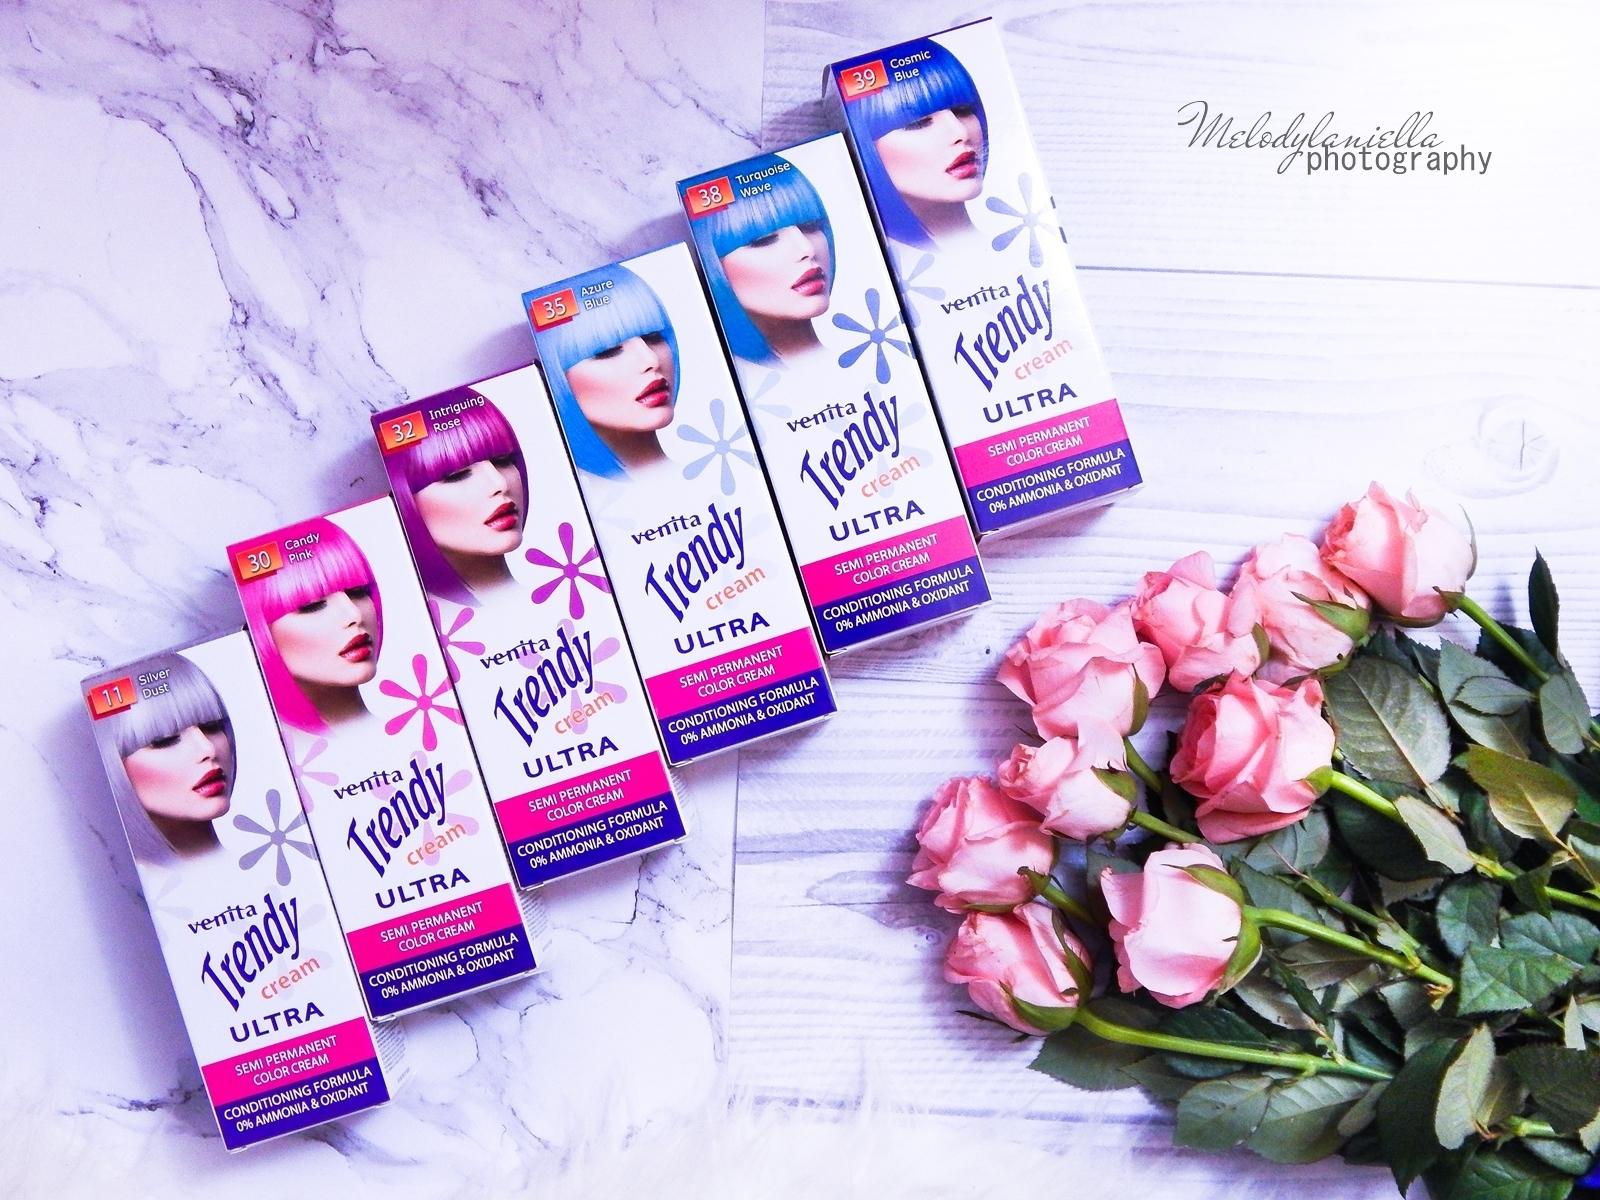 2 venita trendy cream ultra farba recenzja opinie jednodniowa farba do włosów koloryzacja półtrwała różowa turkusowa niebieska farba do włosów kolorowe włosy